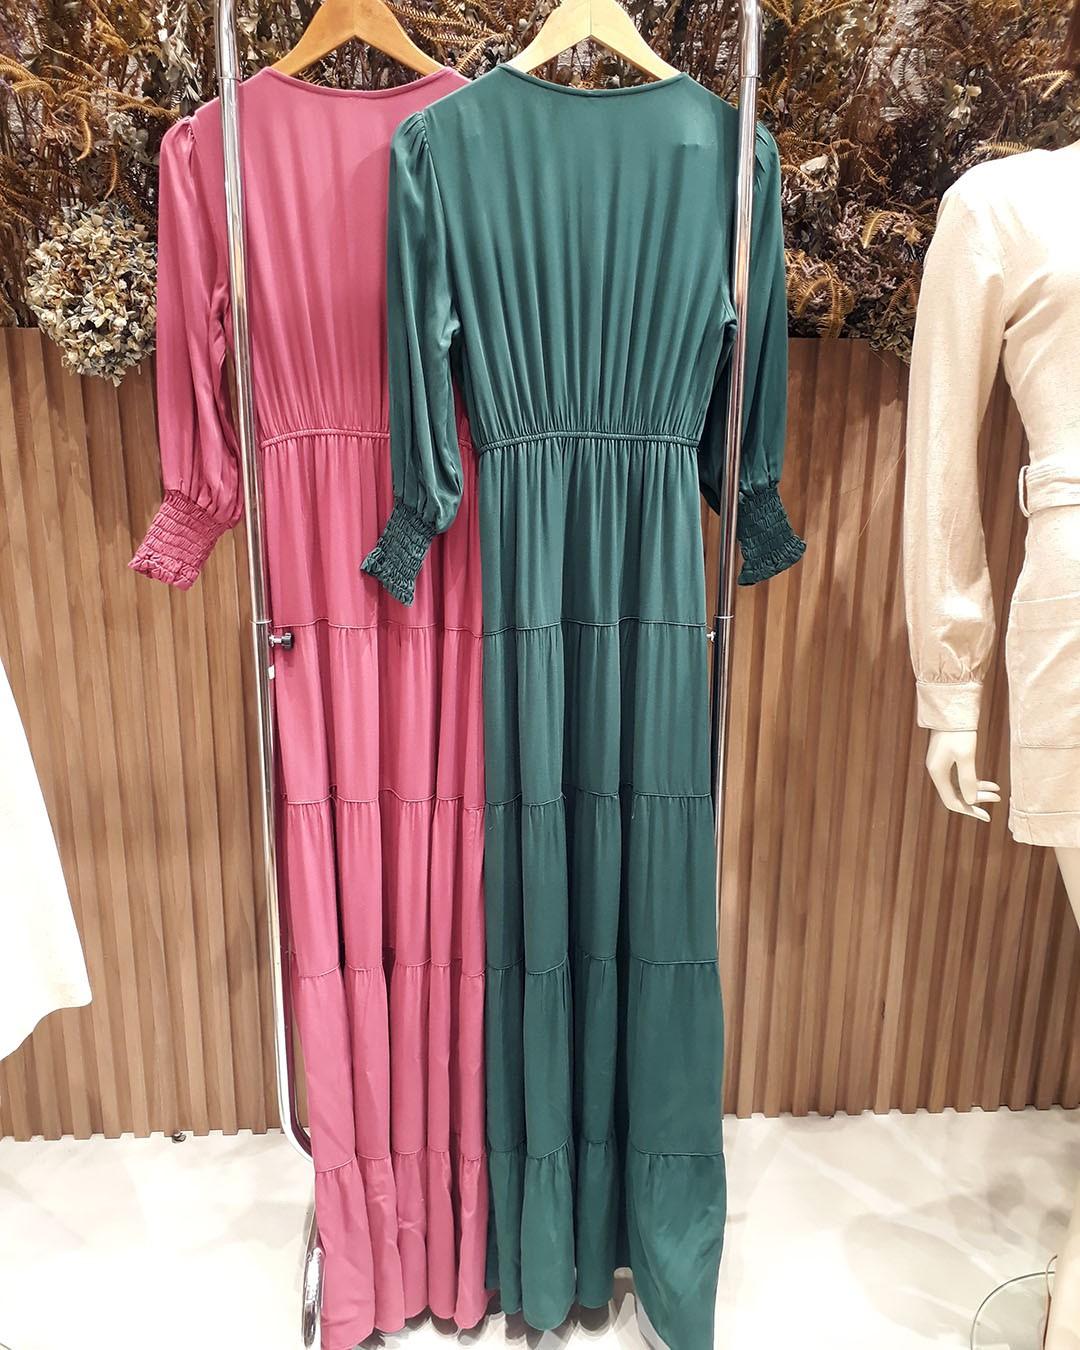 Vestido Longo Três Marias com Manga Longa Melove Ariane